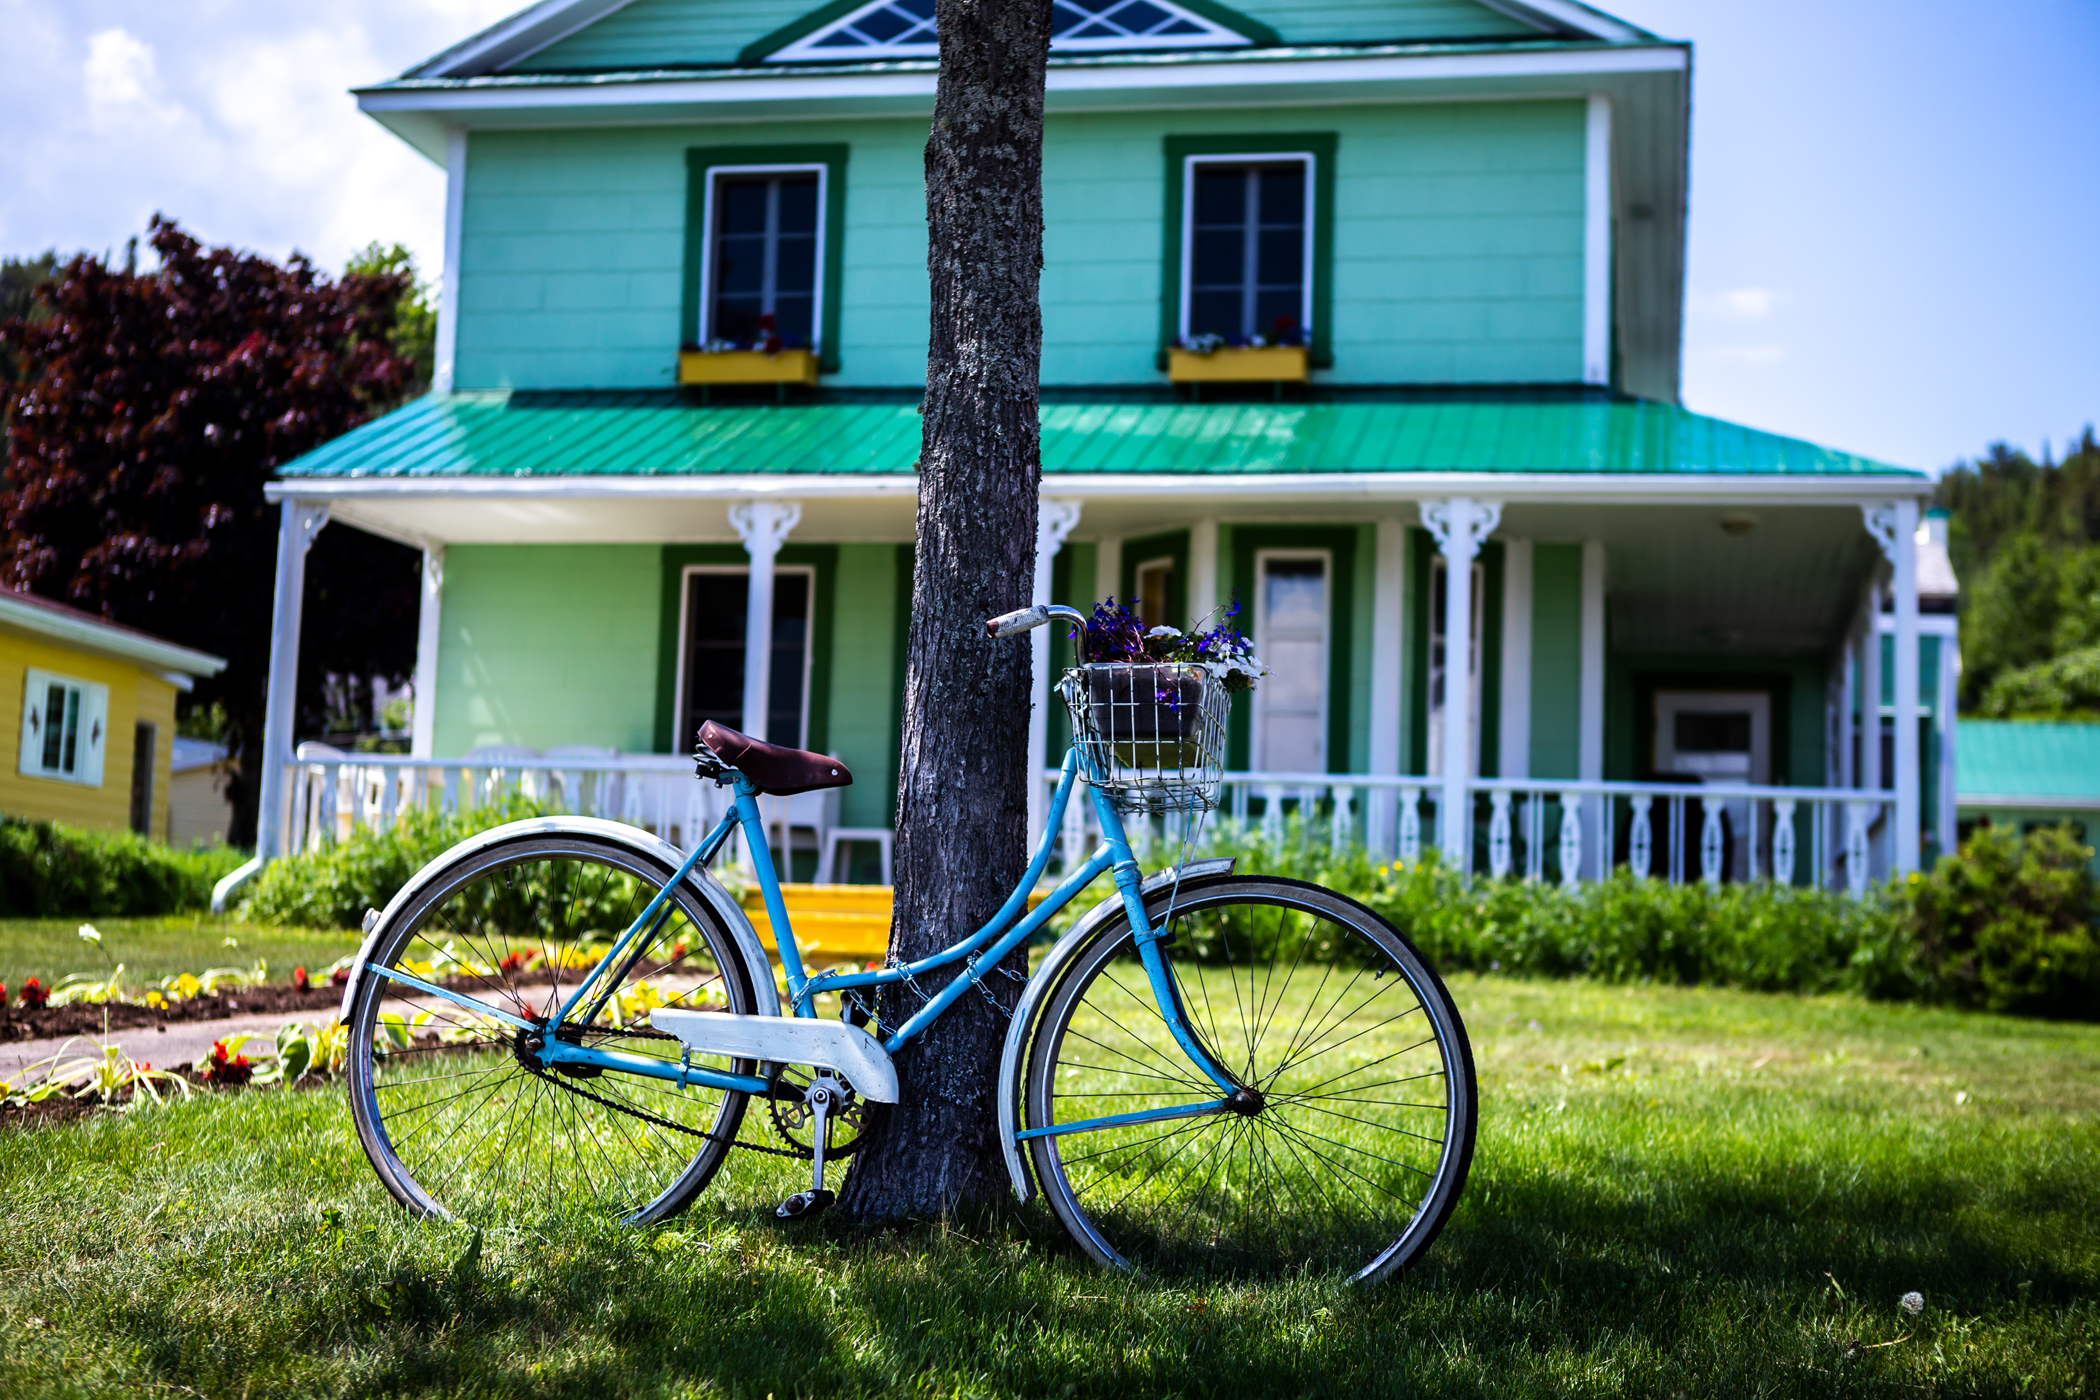 Une bicyclette devant une maison